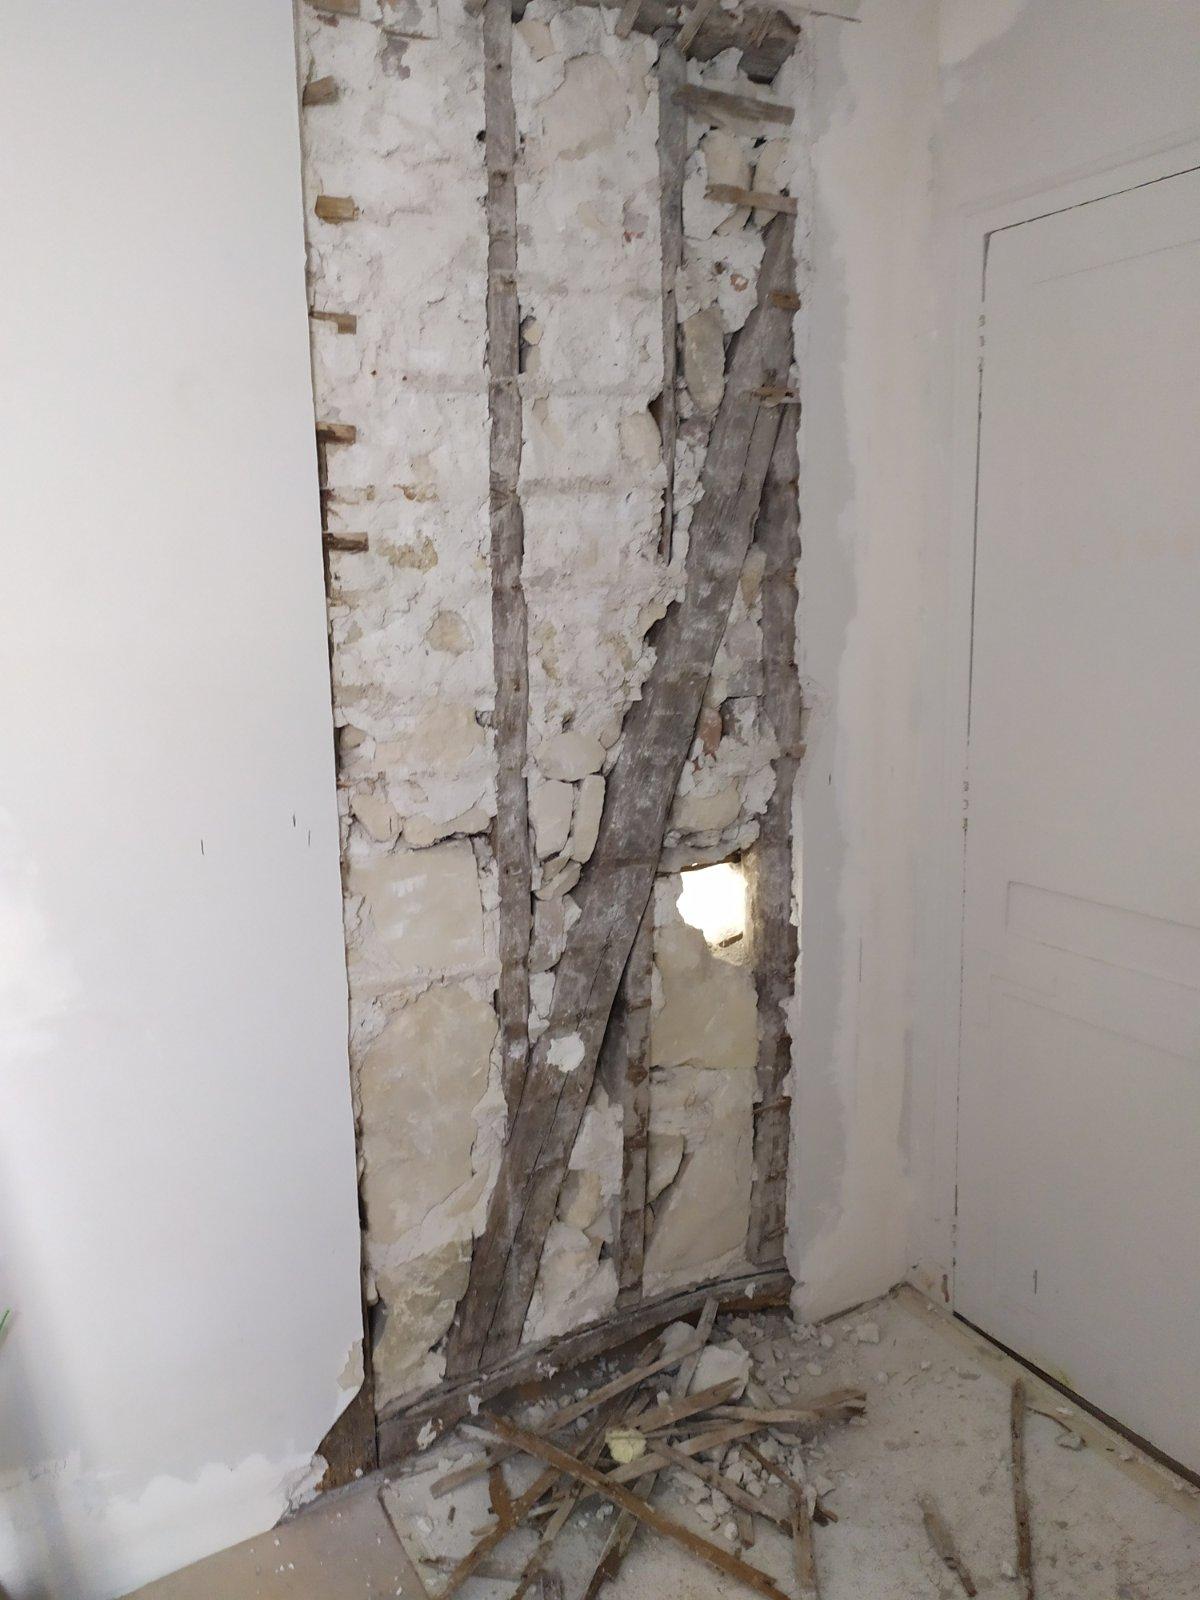 Murs porteurs Renforcement des poutres - Ouverture d'une baie dans un mur porteur en colombage réalisé à Levallois-Perret. Renforcement par structure métallique 12